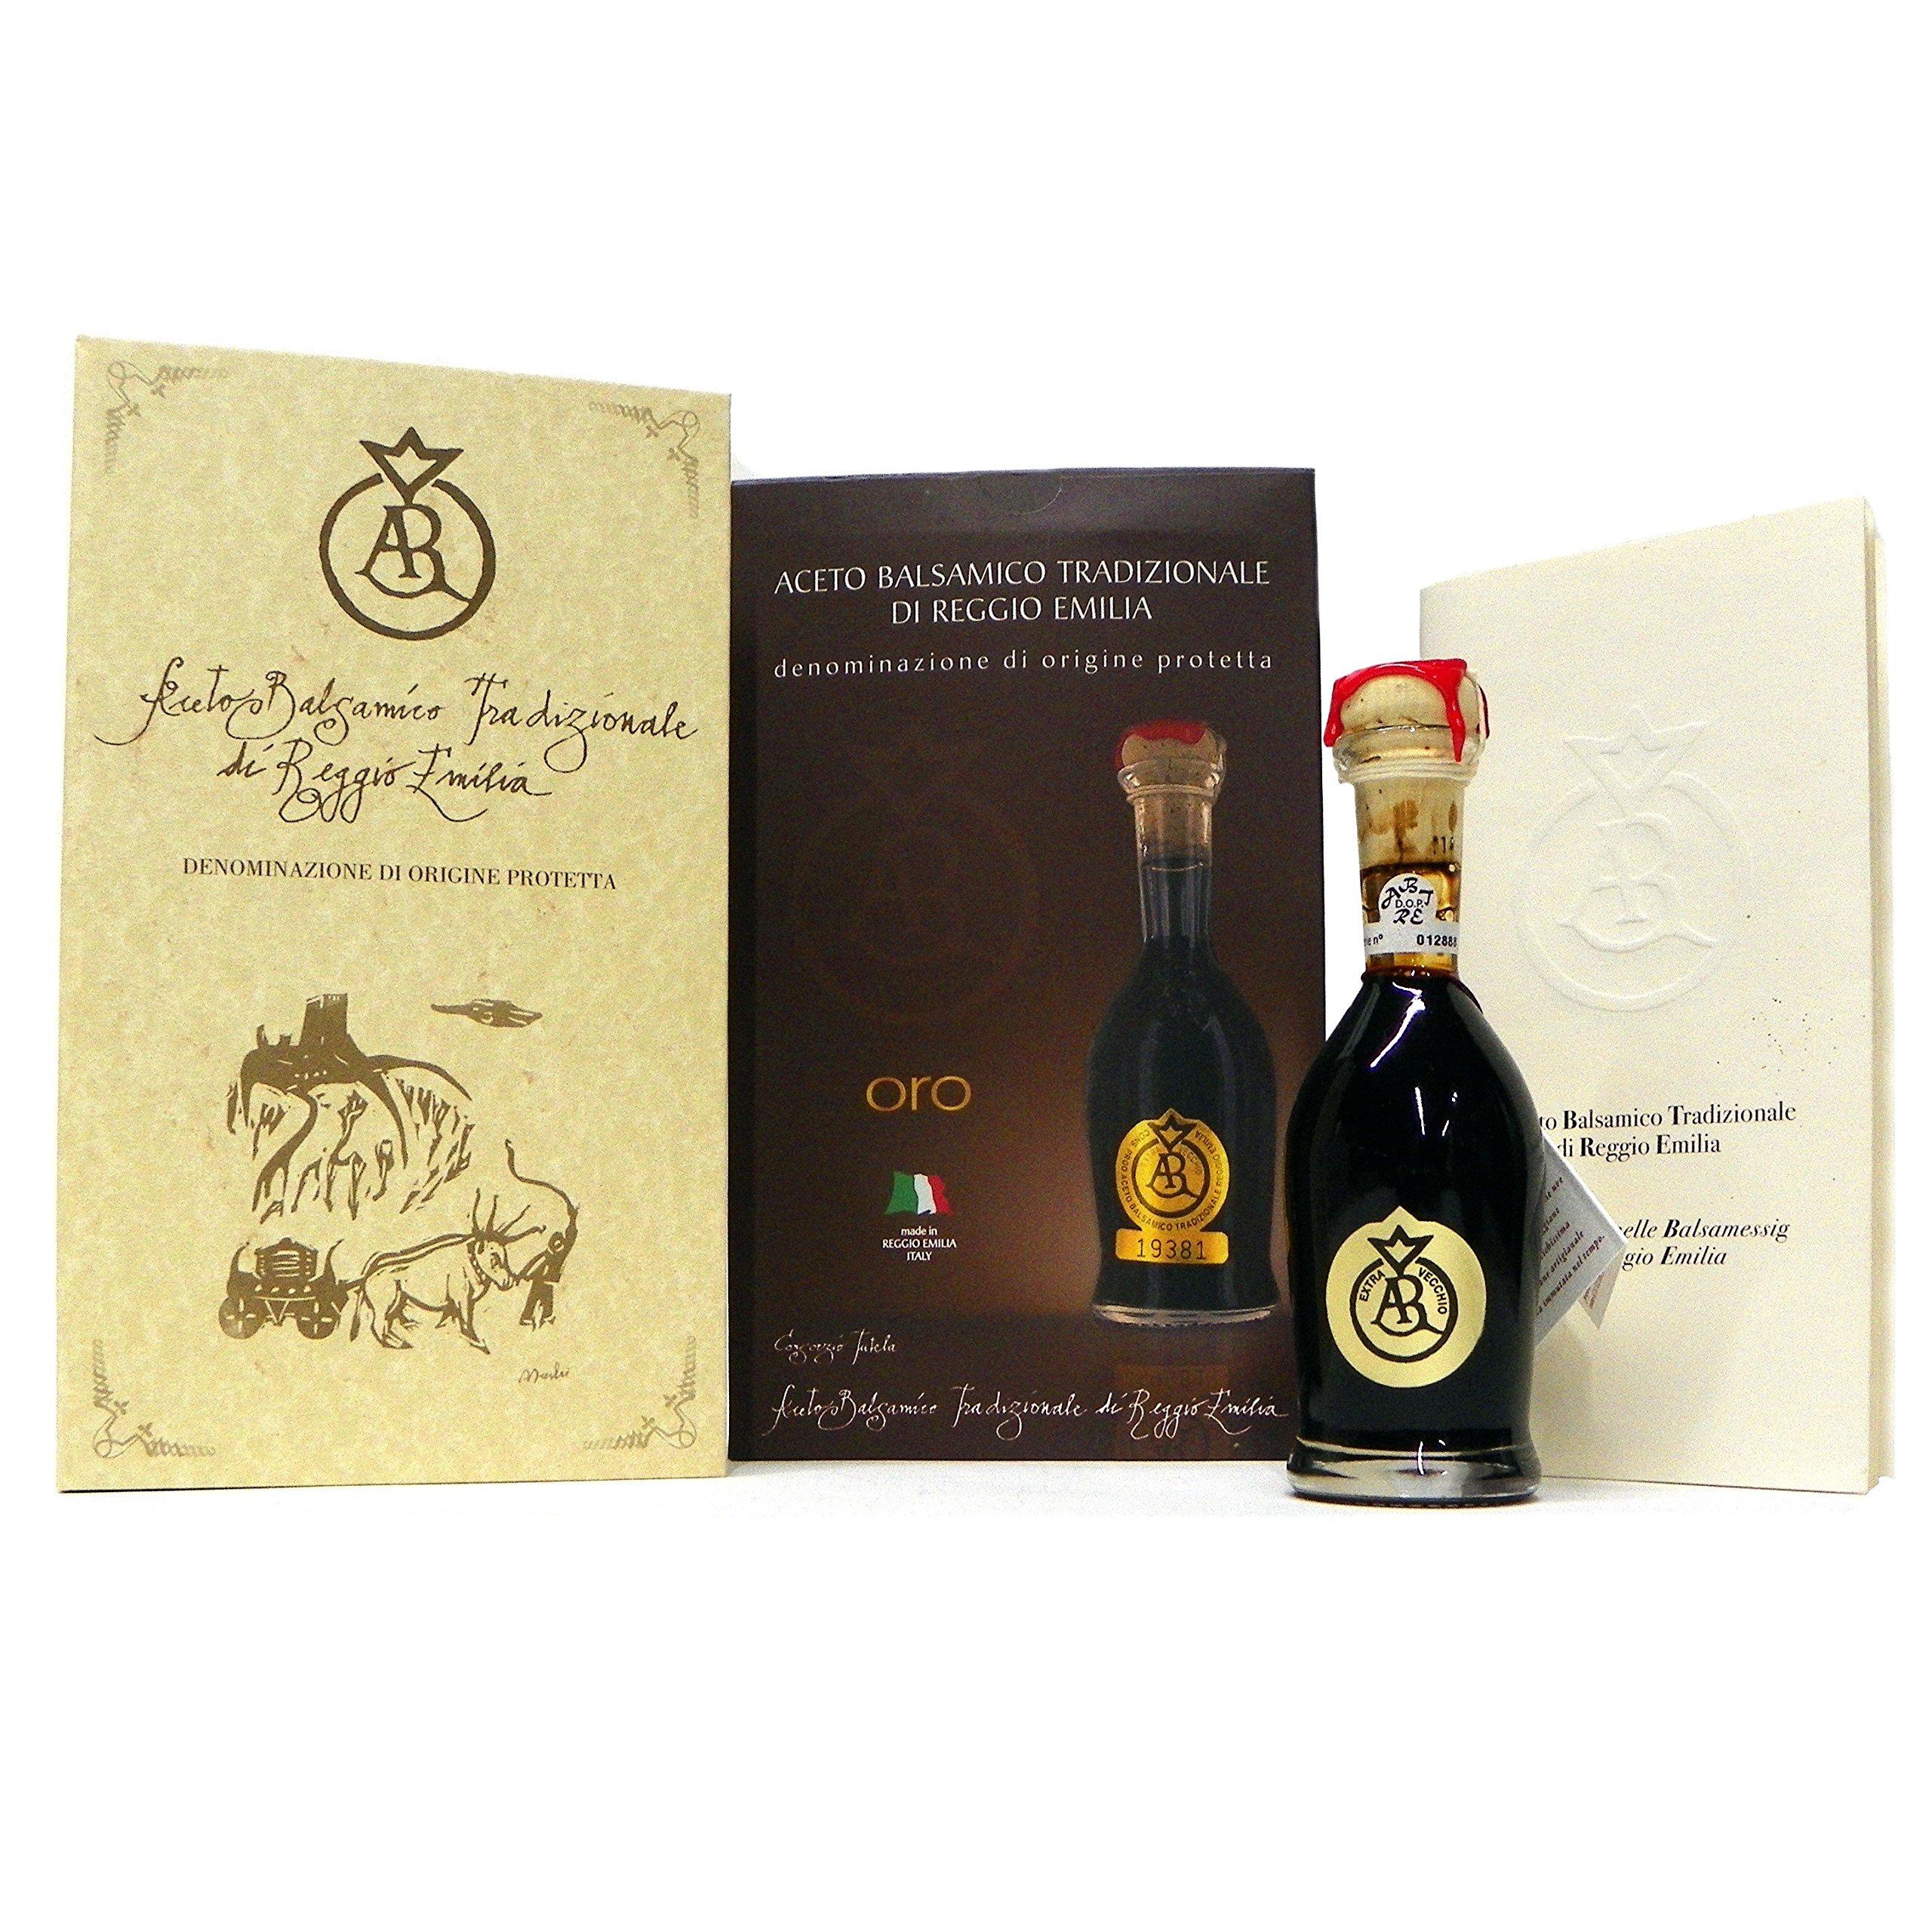 Acetum Traditional Balsamic Vinegar Di Reggio Emilia, Oro (Gold) 25 Years+ DOP, 100 ml